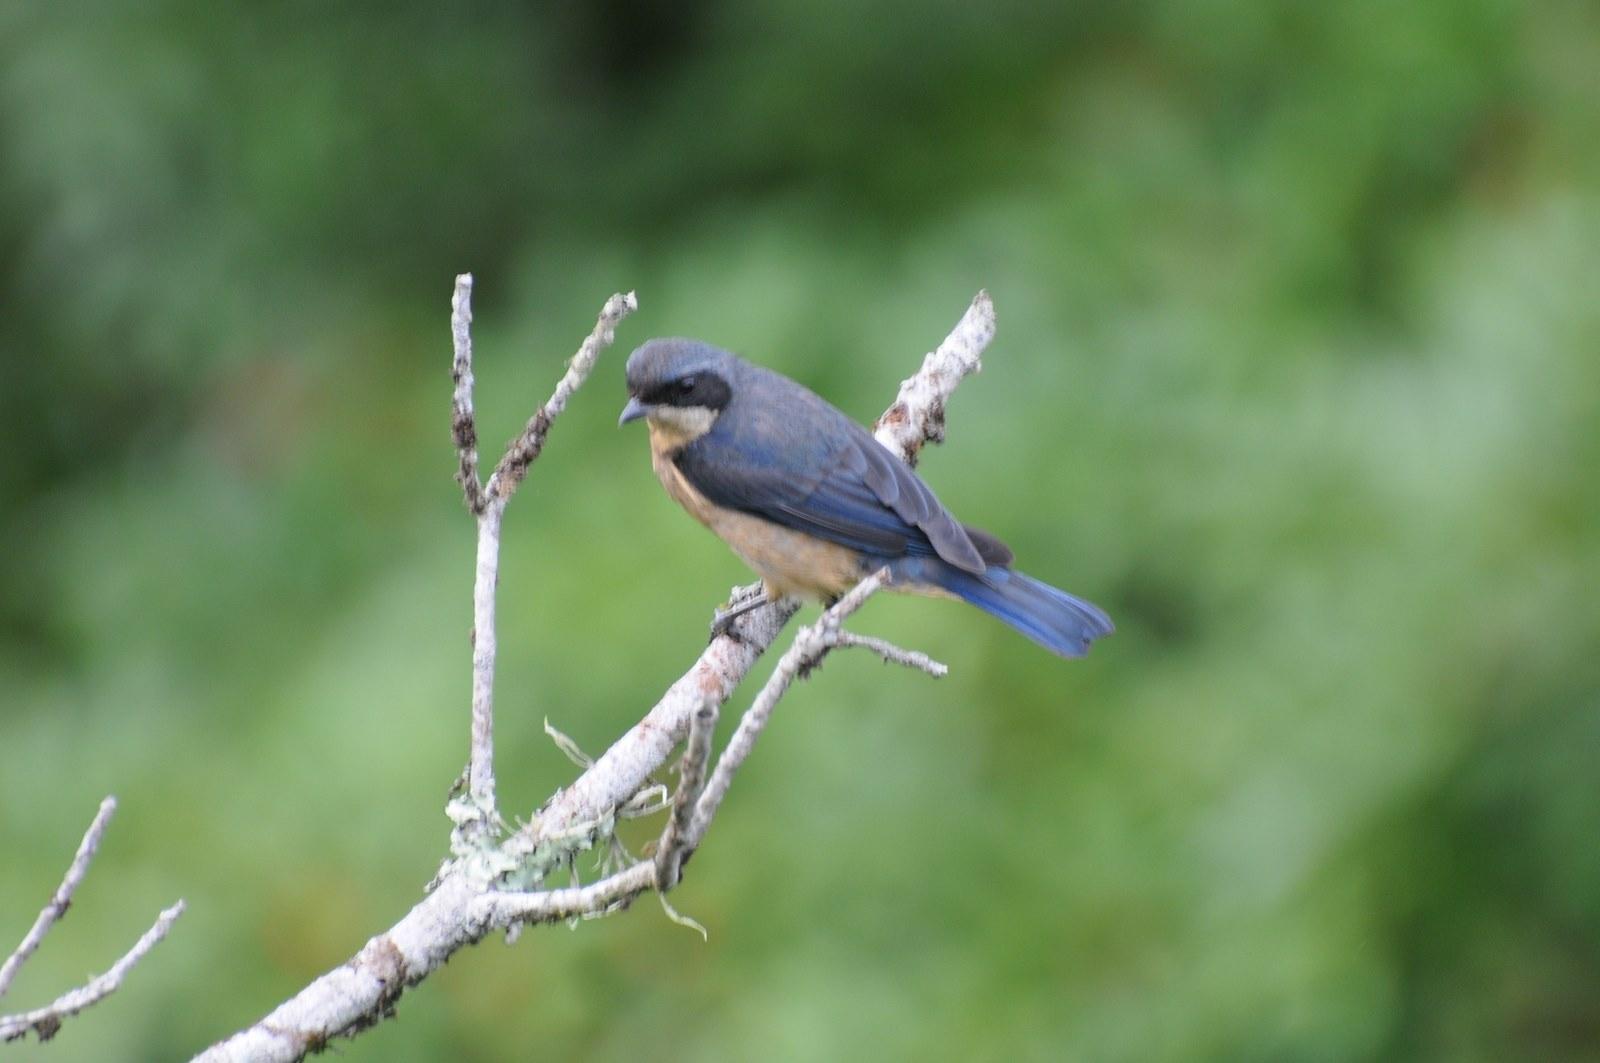 Animais - Pássaro - Saira Viuva - Sustentabilidade